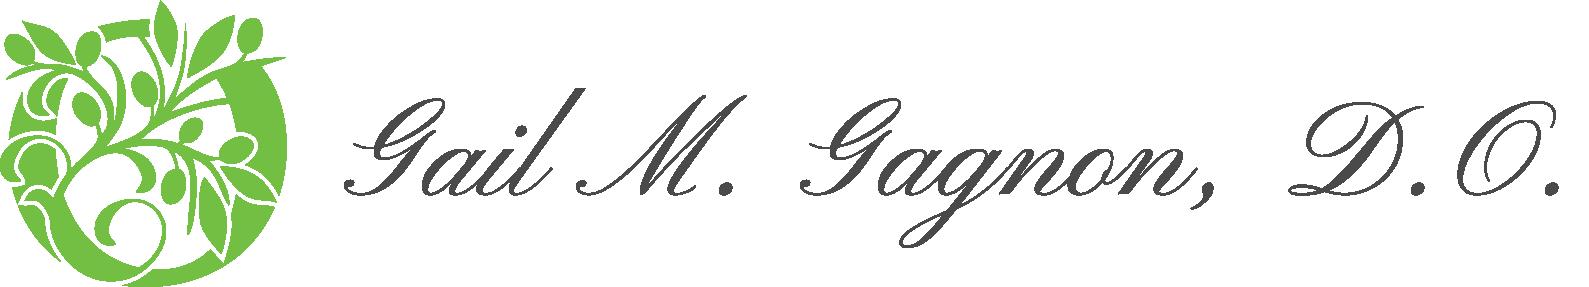 Gail M. Gagnon, D.O.